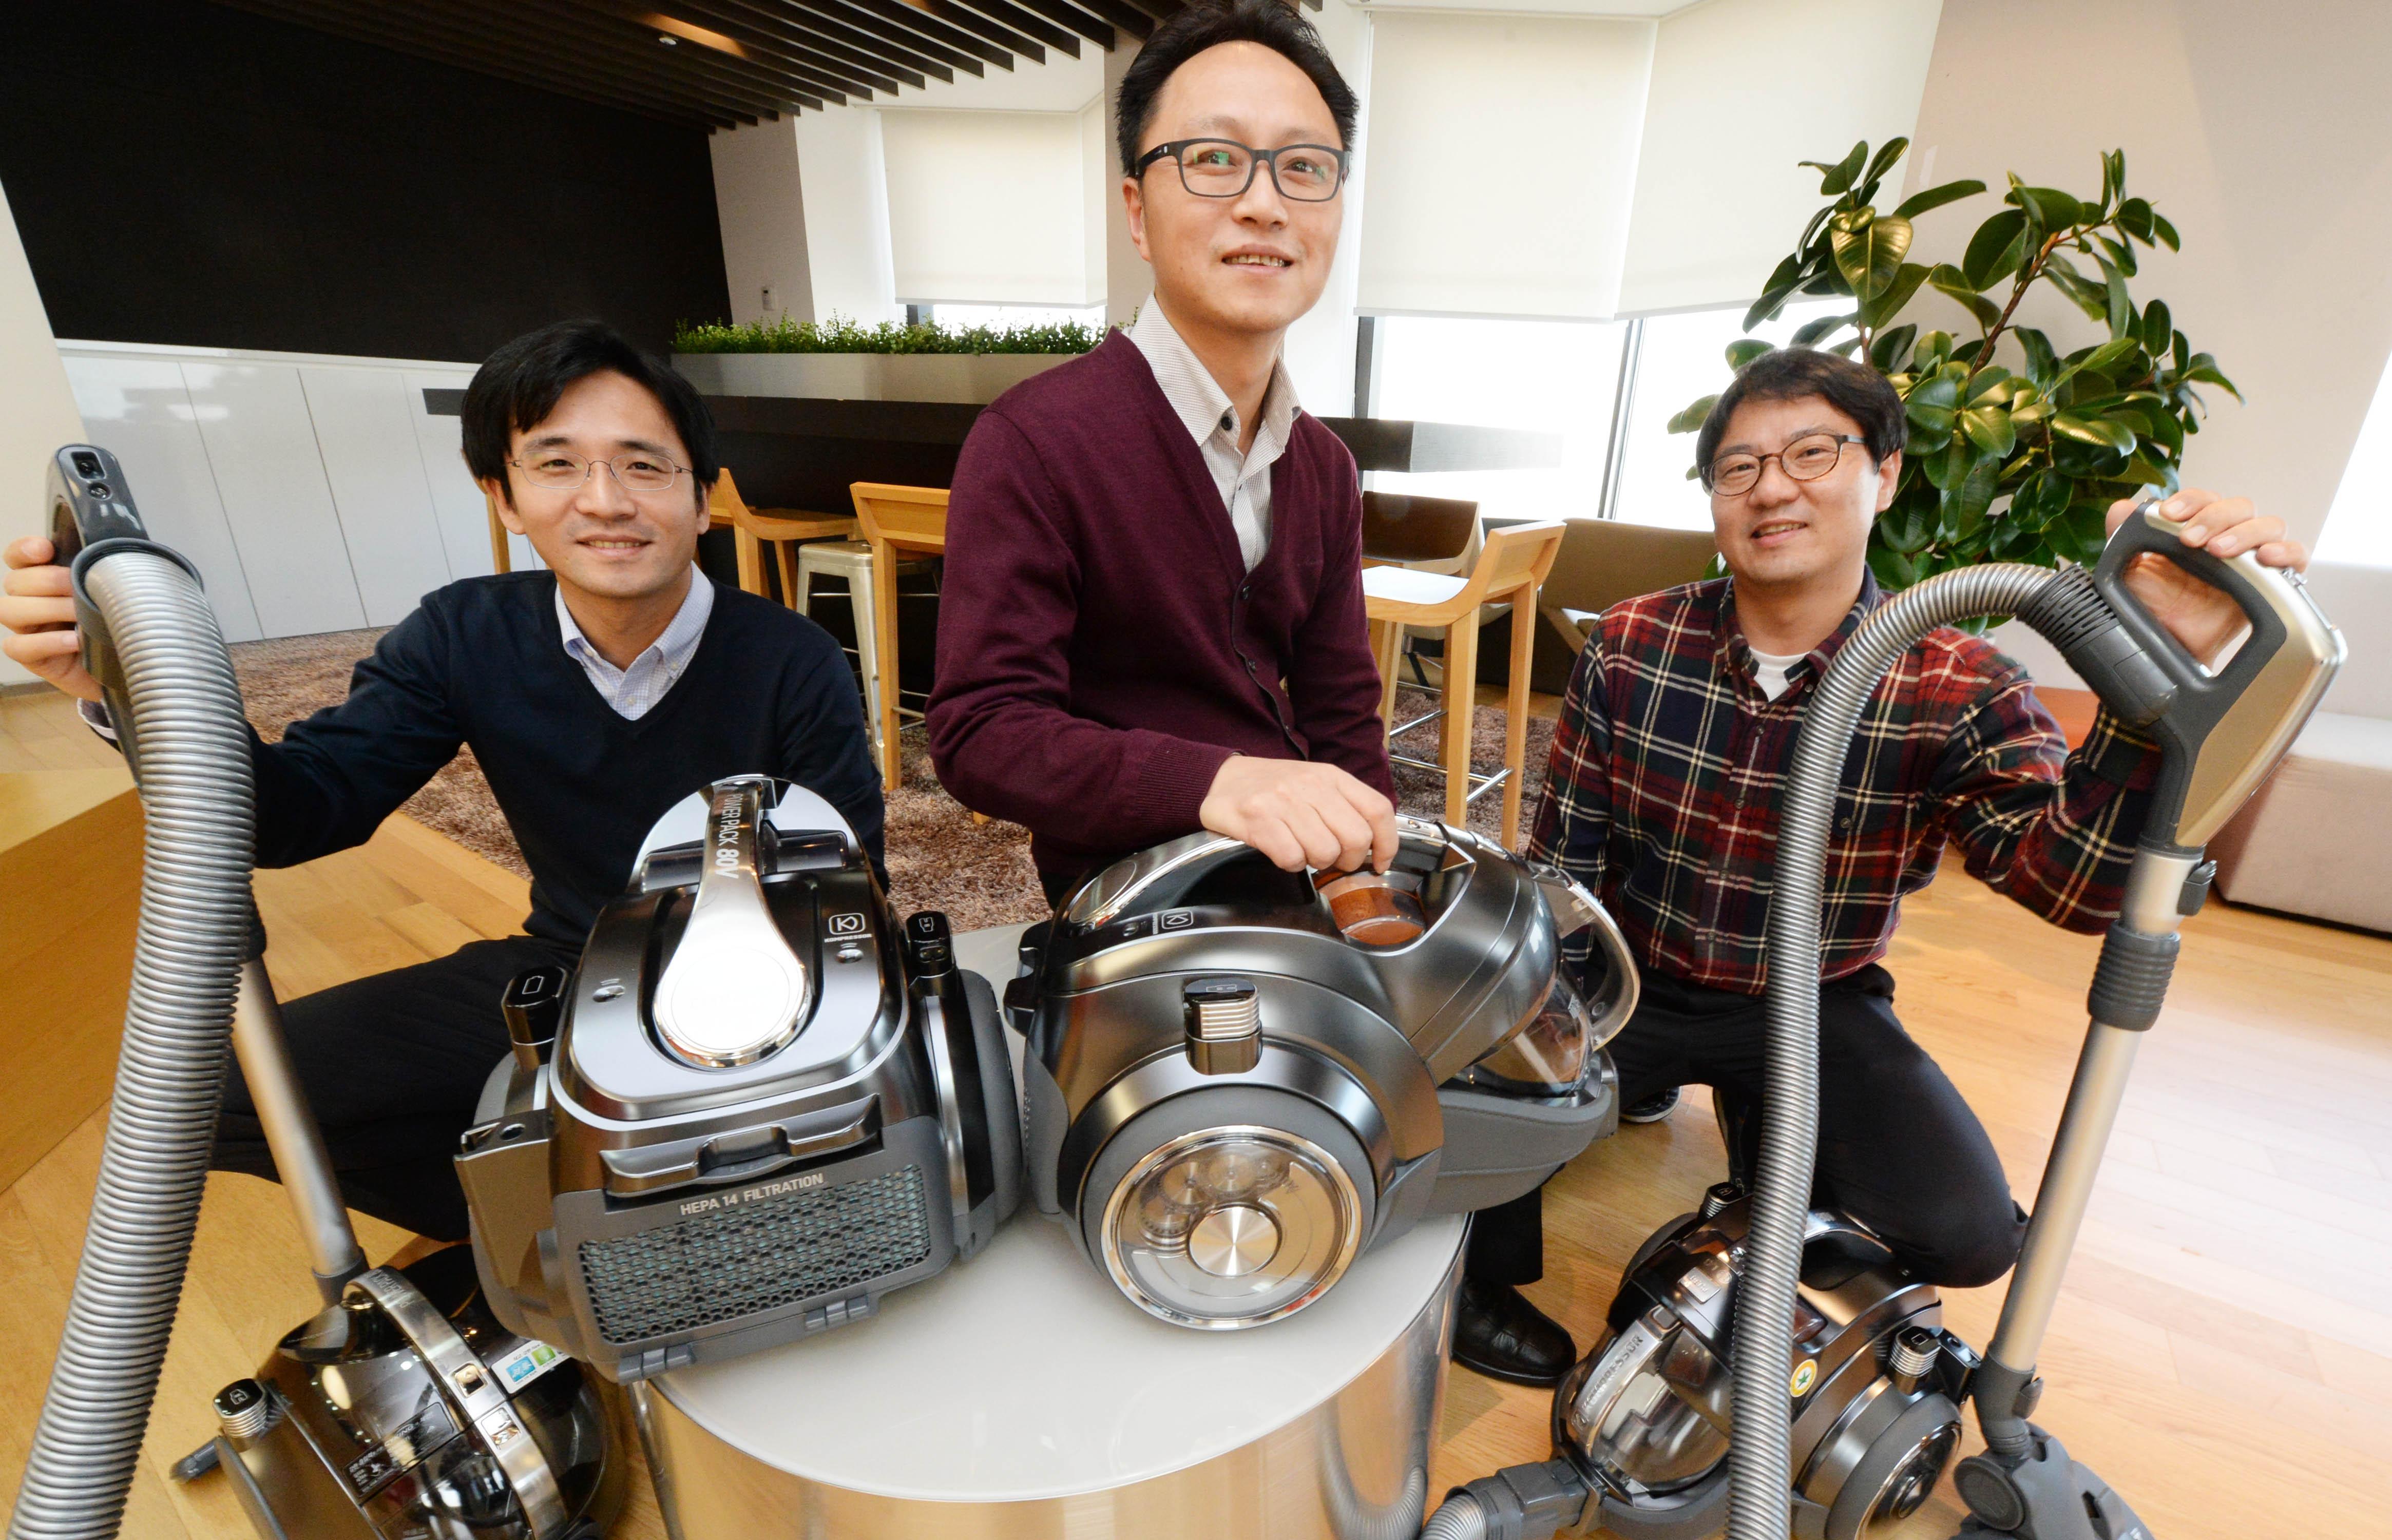 청소가 행복해지는 'LG 무선 싸이킹' 개발 스토리